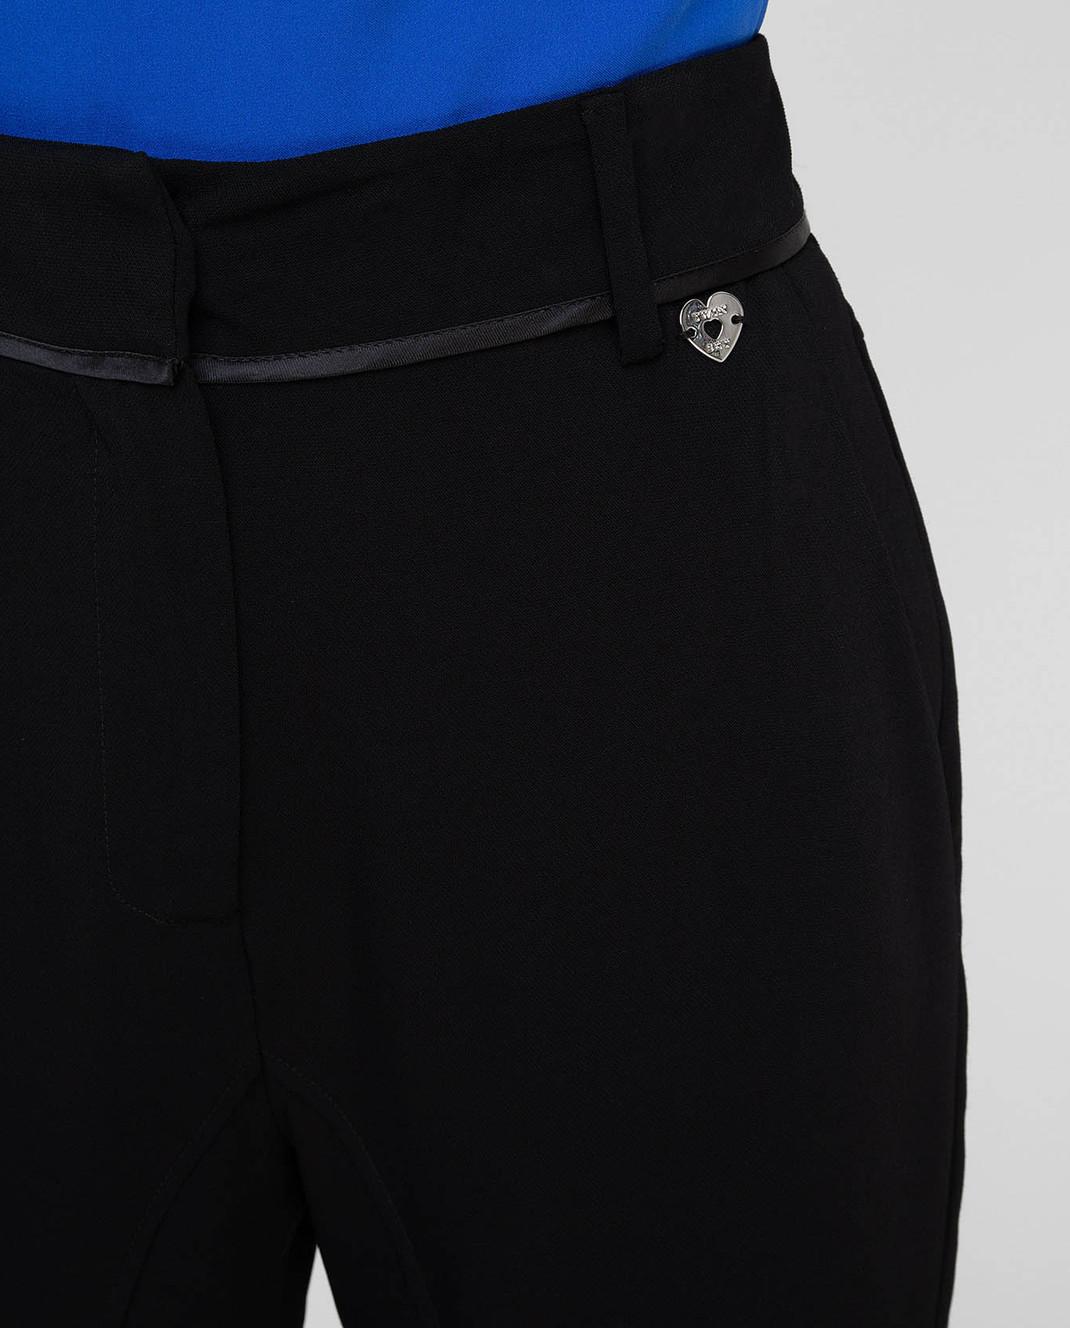 Twin Set Черные брюки PS72W5 изображение 5